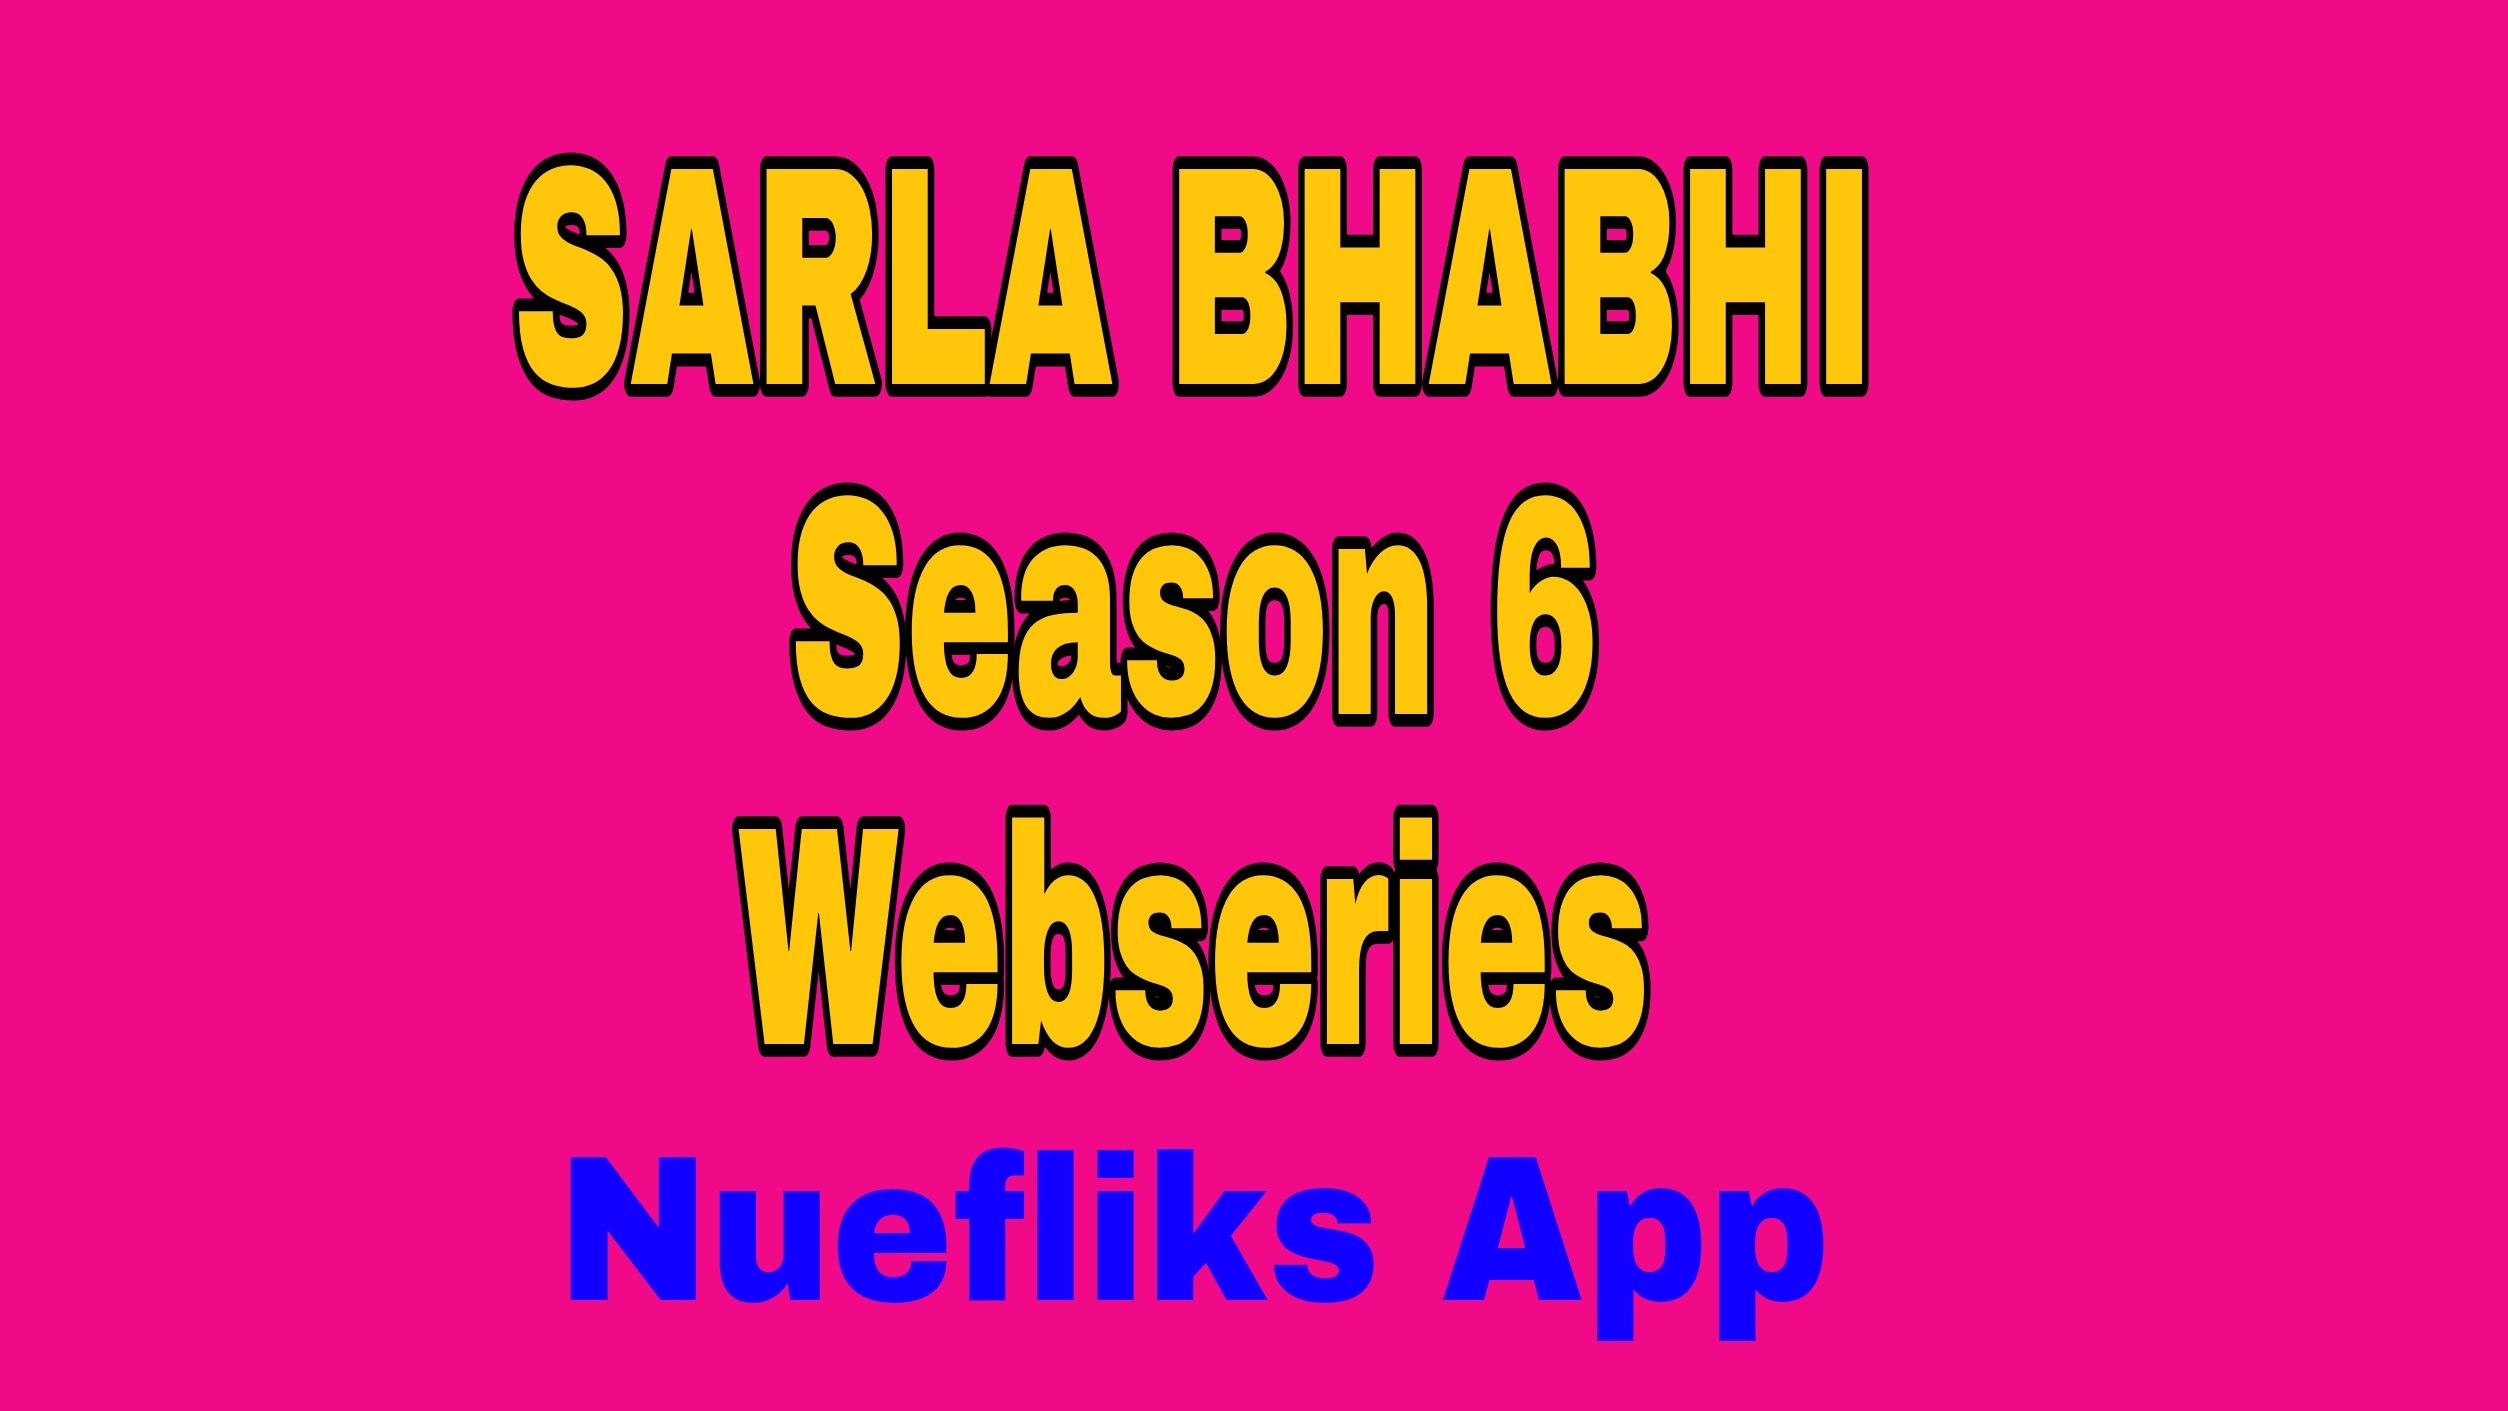 SARLA BHABHI Season 6